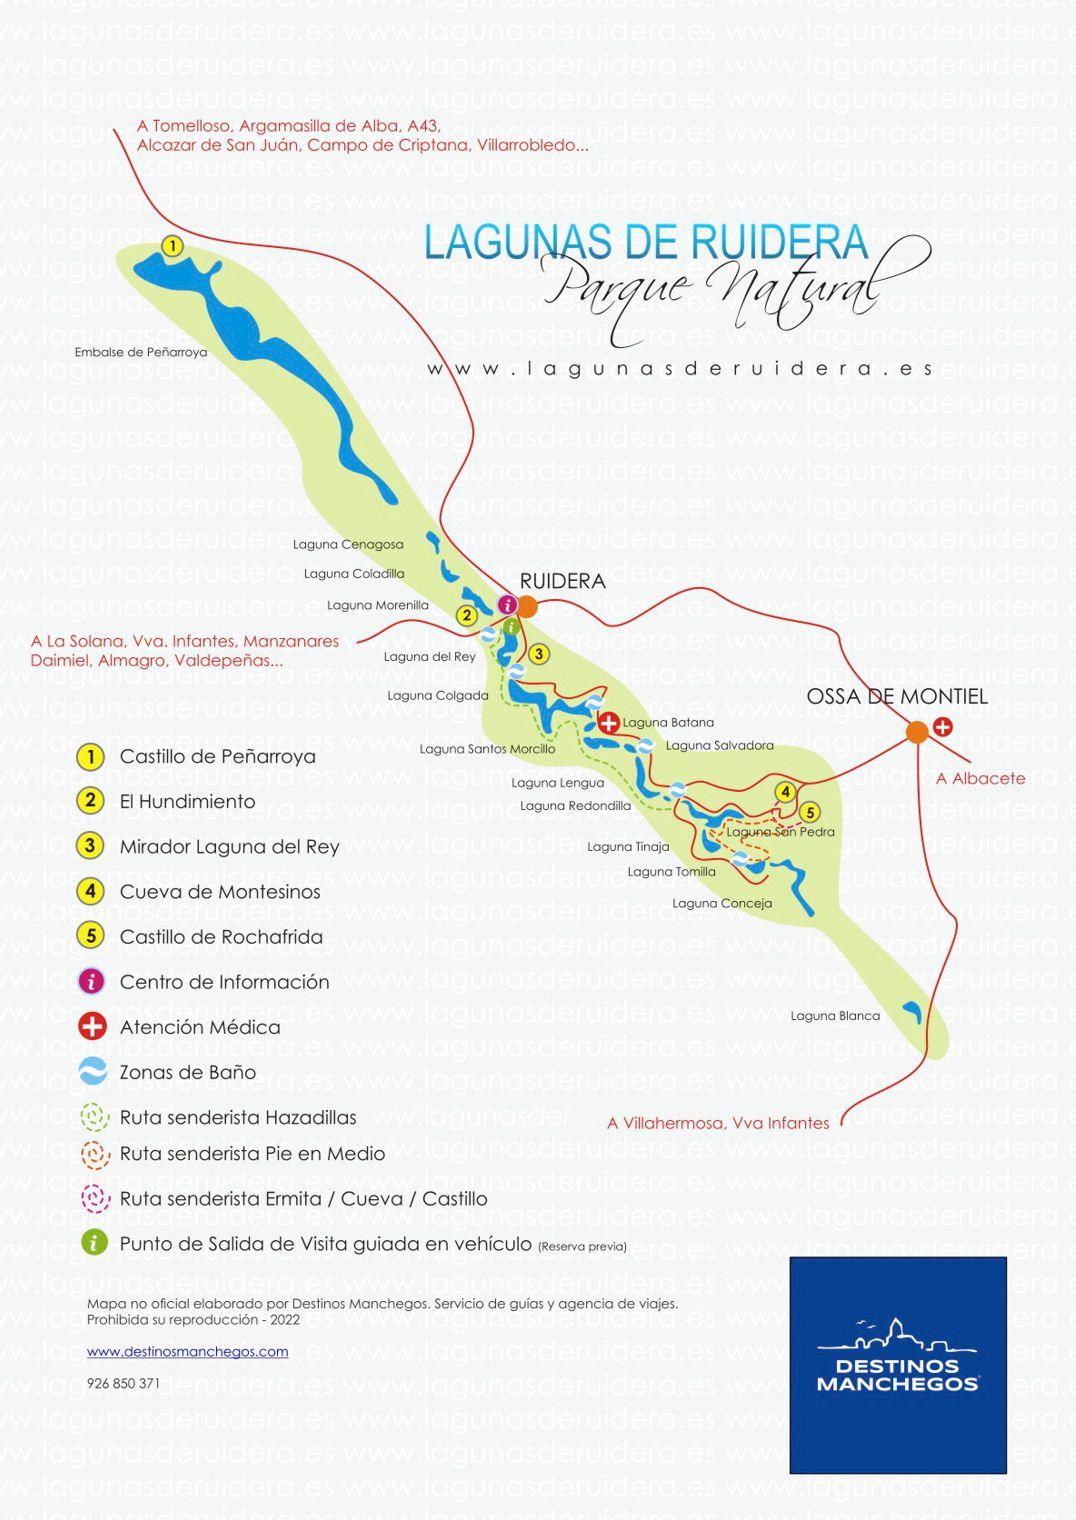 Plano Mapa de Las Lagunas de Ruidera